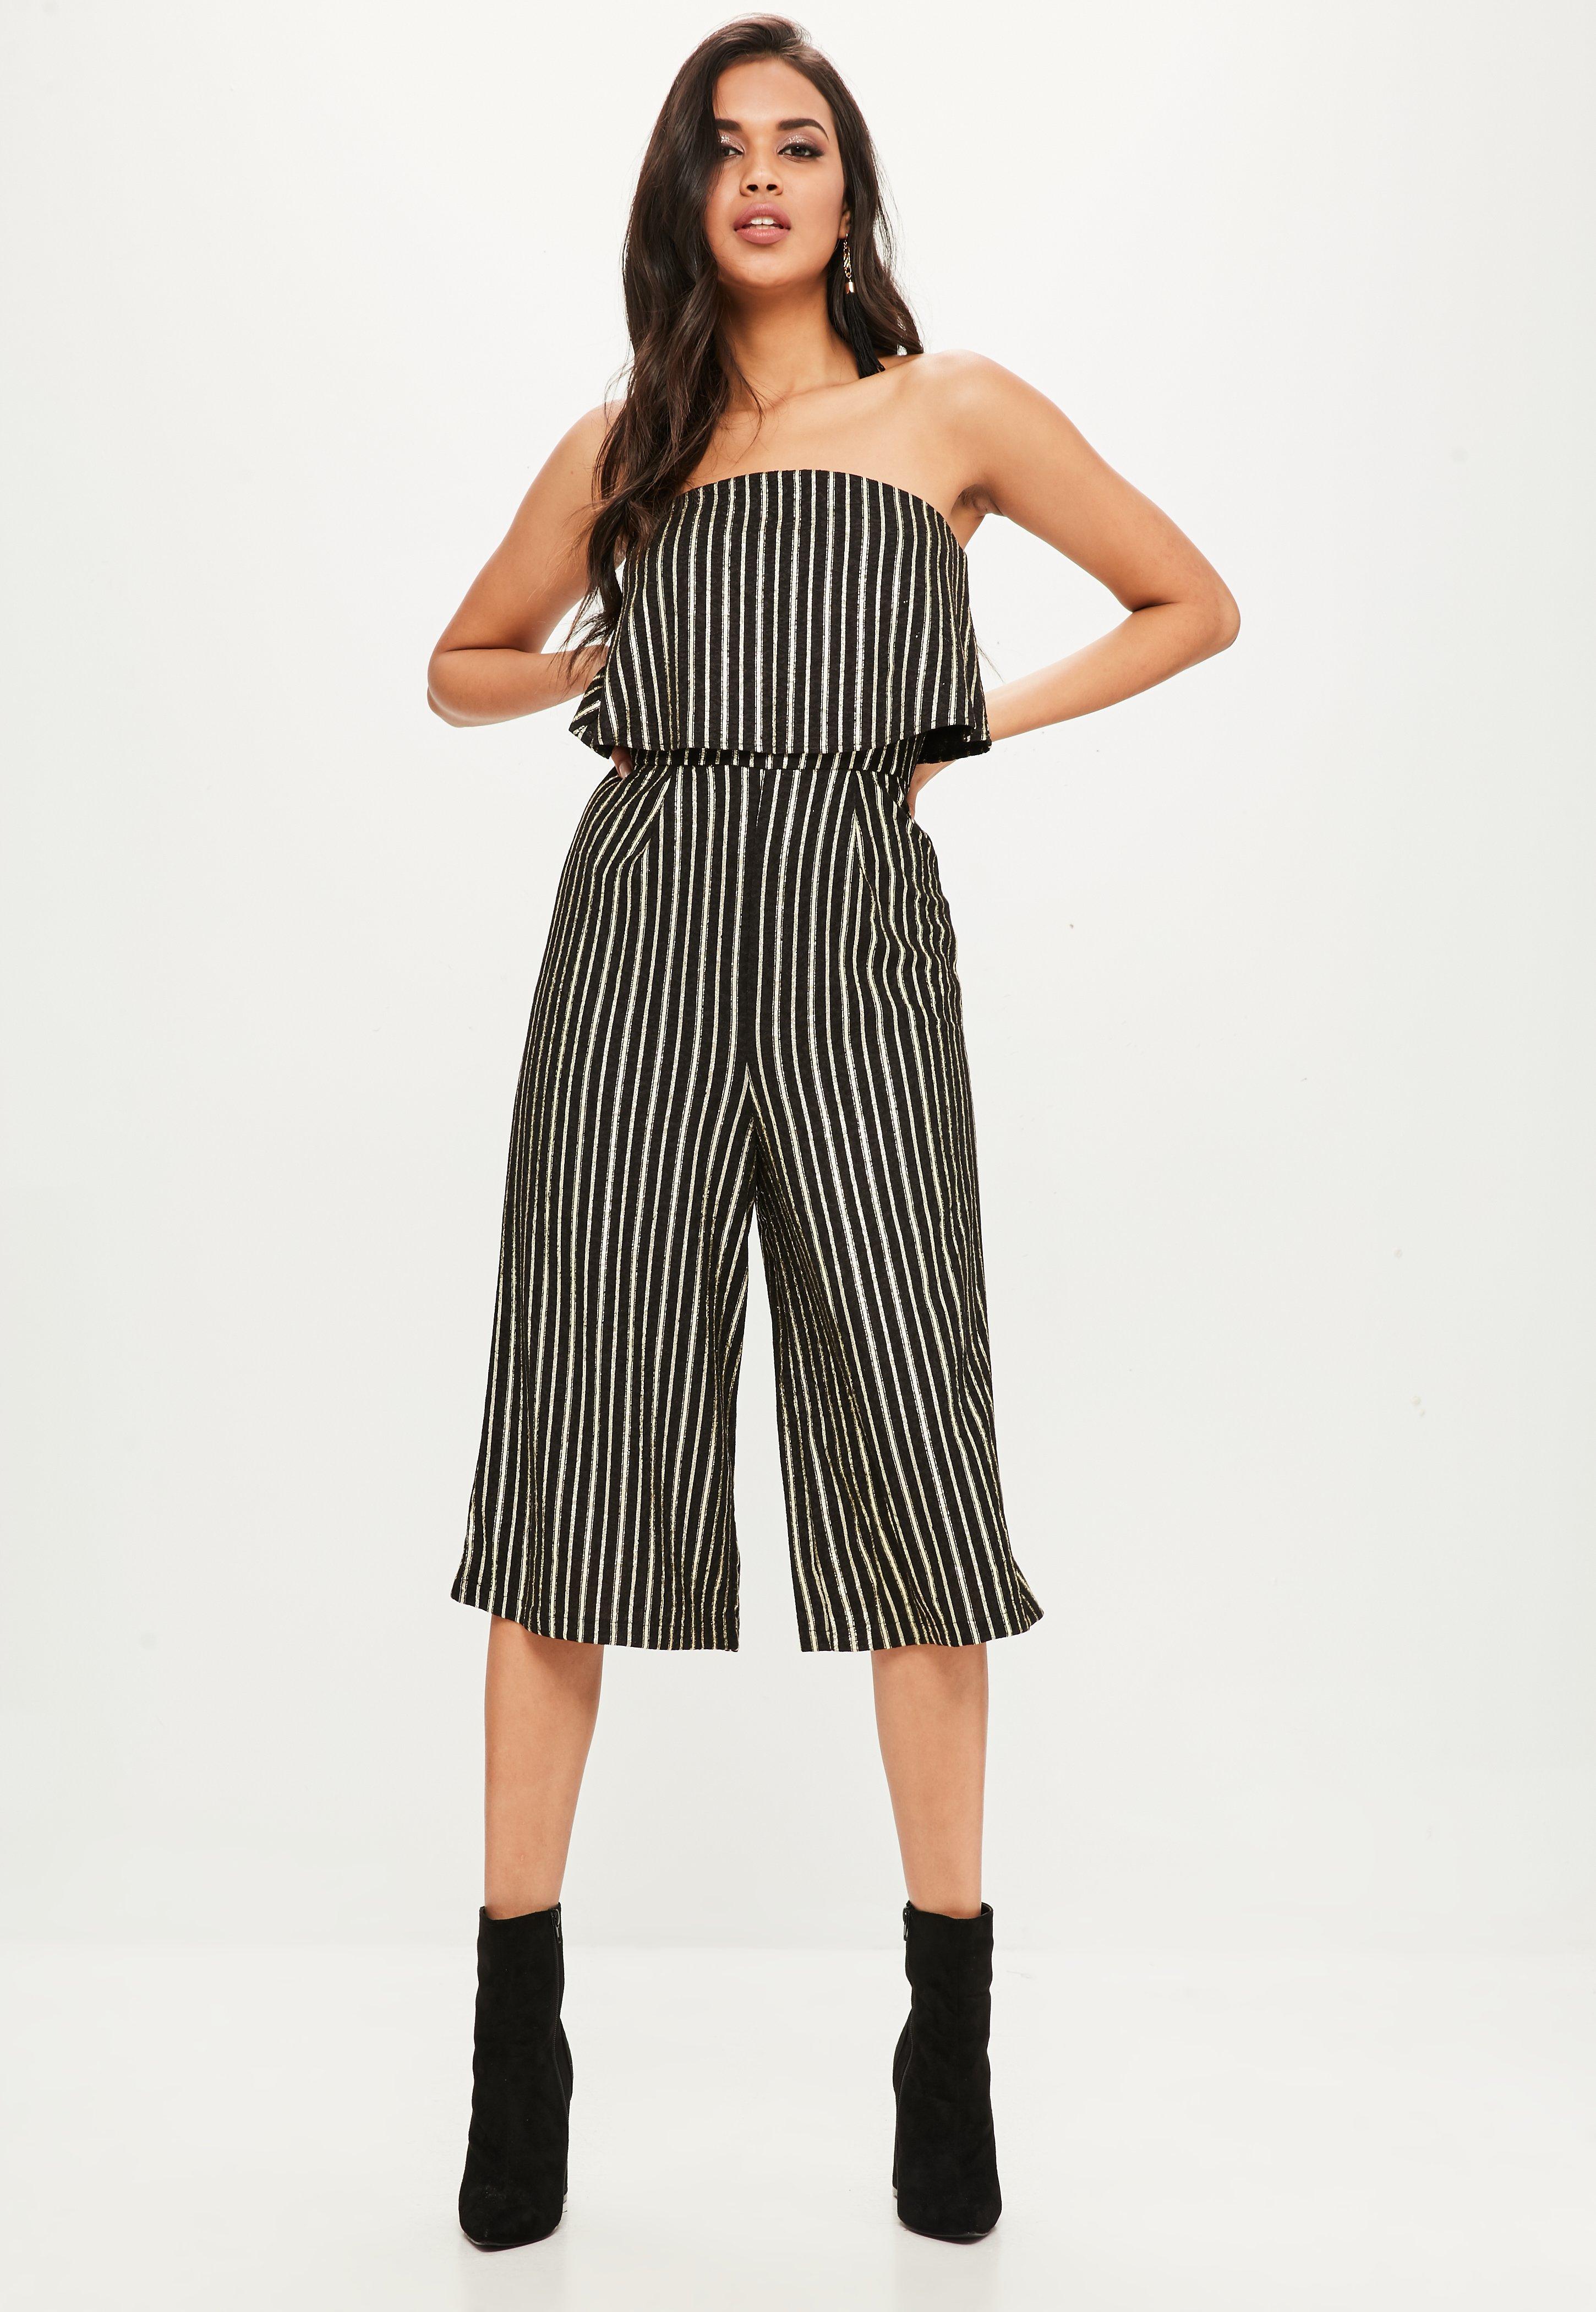 Culotte Missguided Stripe Double Petite Mono Blueorange Layer vm8nO0wN